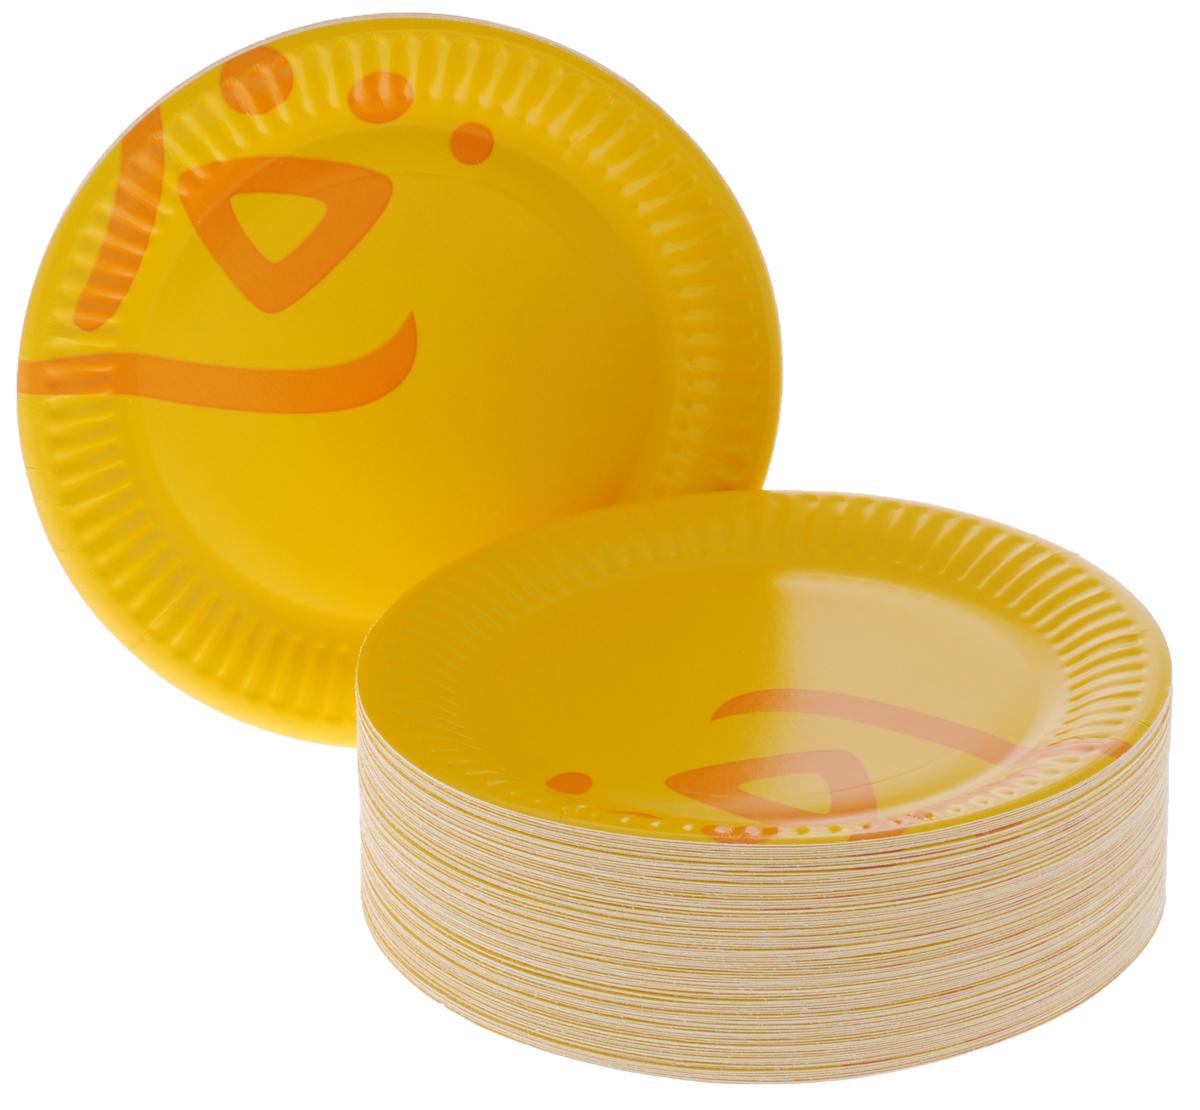 Набор одноразовых тарелок Huhtamaki Whizz, цвет: оранжевый, диаметр 15 см, 100 штVT-1520(SR)Набор Huhtamaki Whizz состоит из 100 круглых тарелок, выполненных из плотной бумаги и предназначенных для одноразового использования. Изделия декорированы оригинальным узором. Одноразовые тарелки будут незаменимы при поездках на природу, пикниках и других мероприятиях. Они не займут много места, легки и самое главное - после использования их не надо мыть.Диаметр тарелки (по верхнему краю): 15 см.